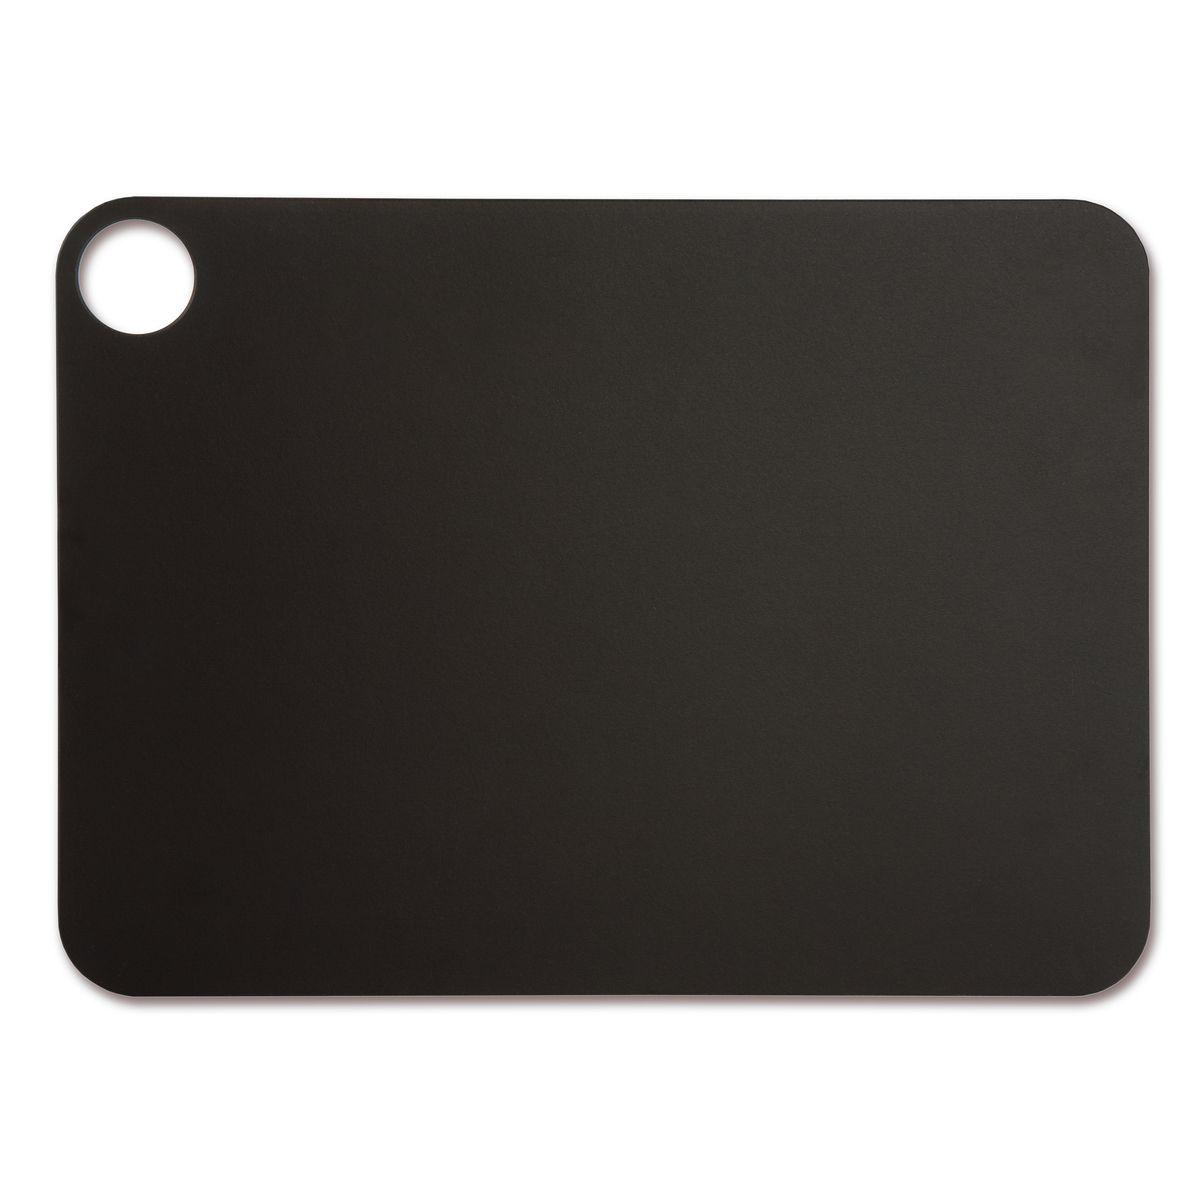 Planche à découper noire en papier compressé 37.7 x 27.7 cm - Arcos